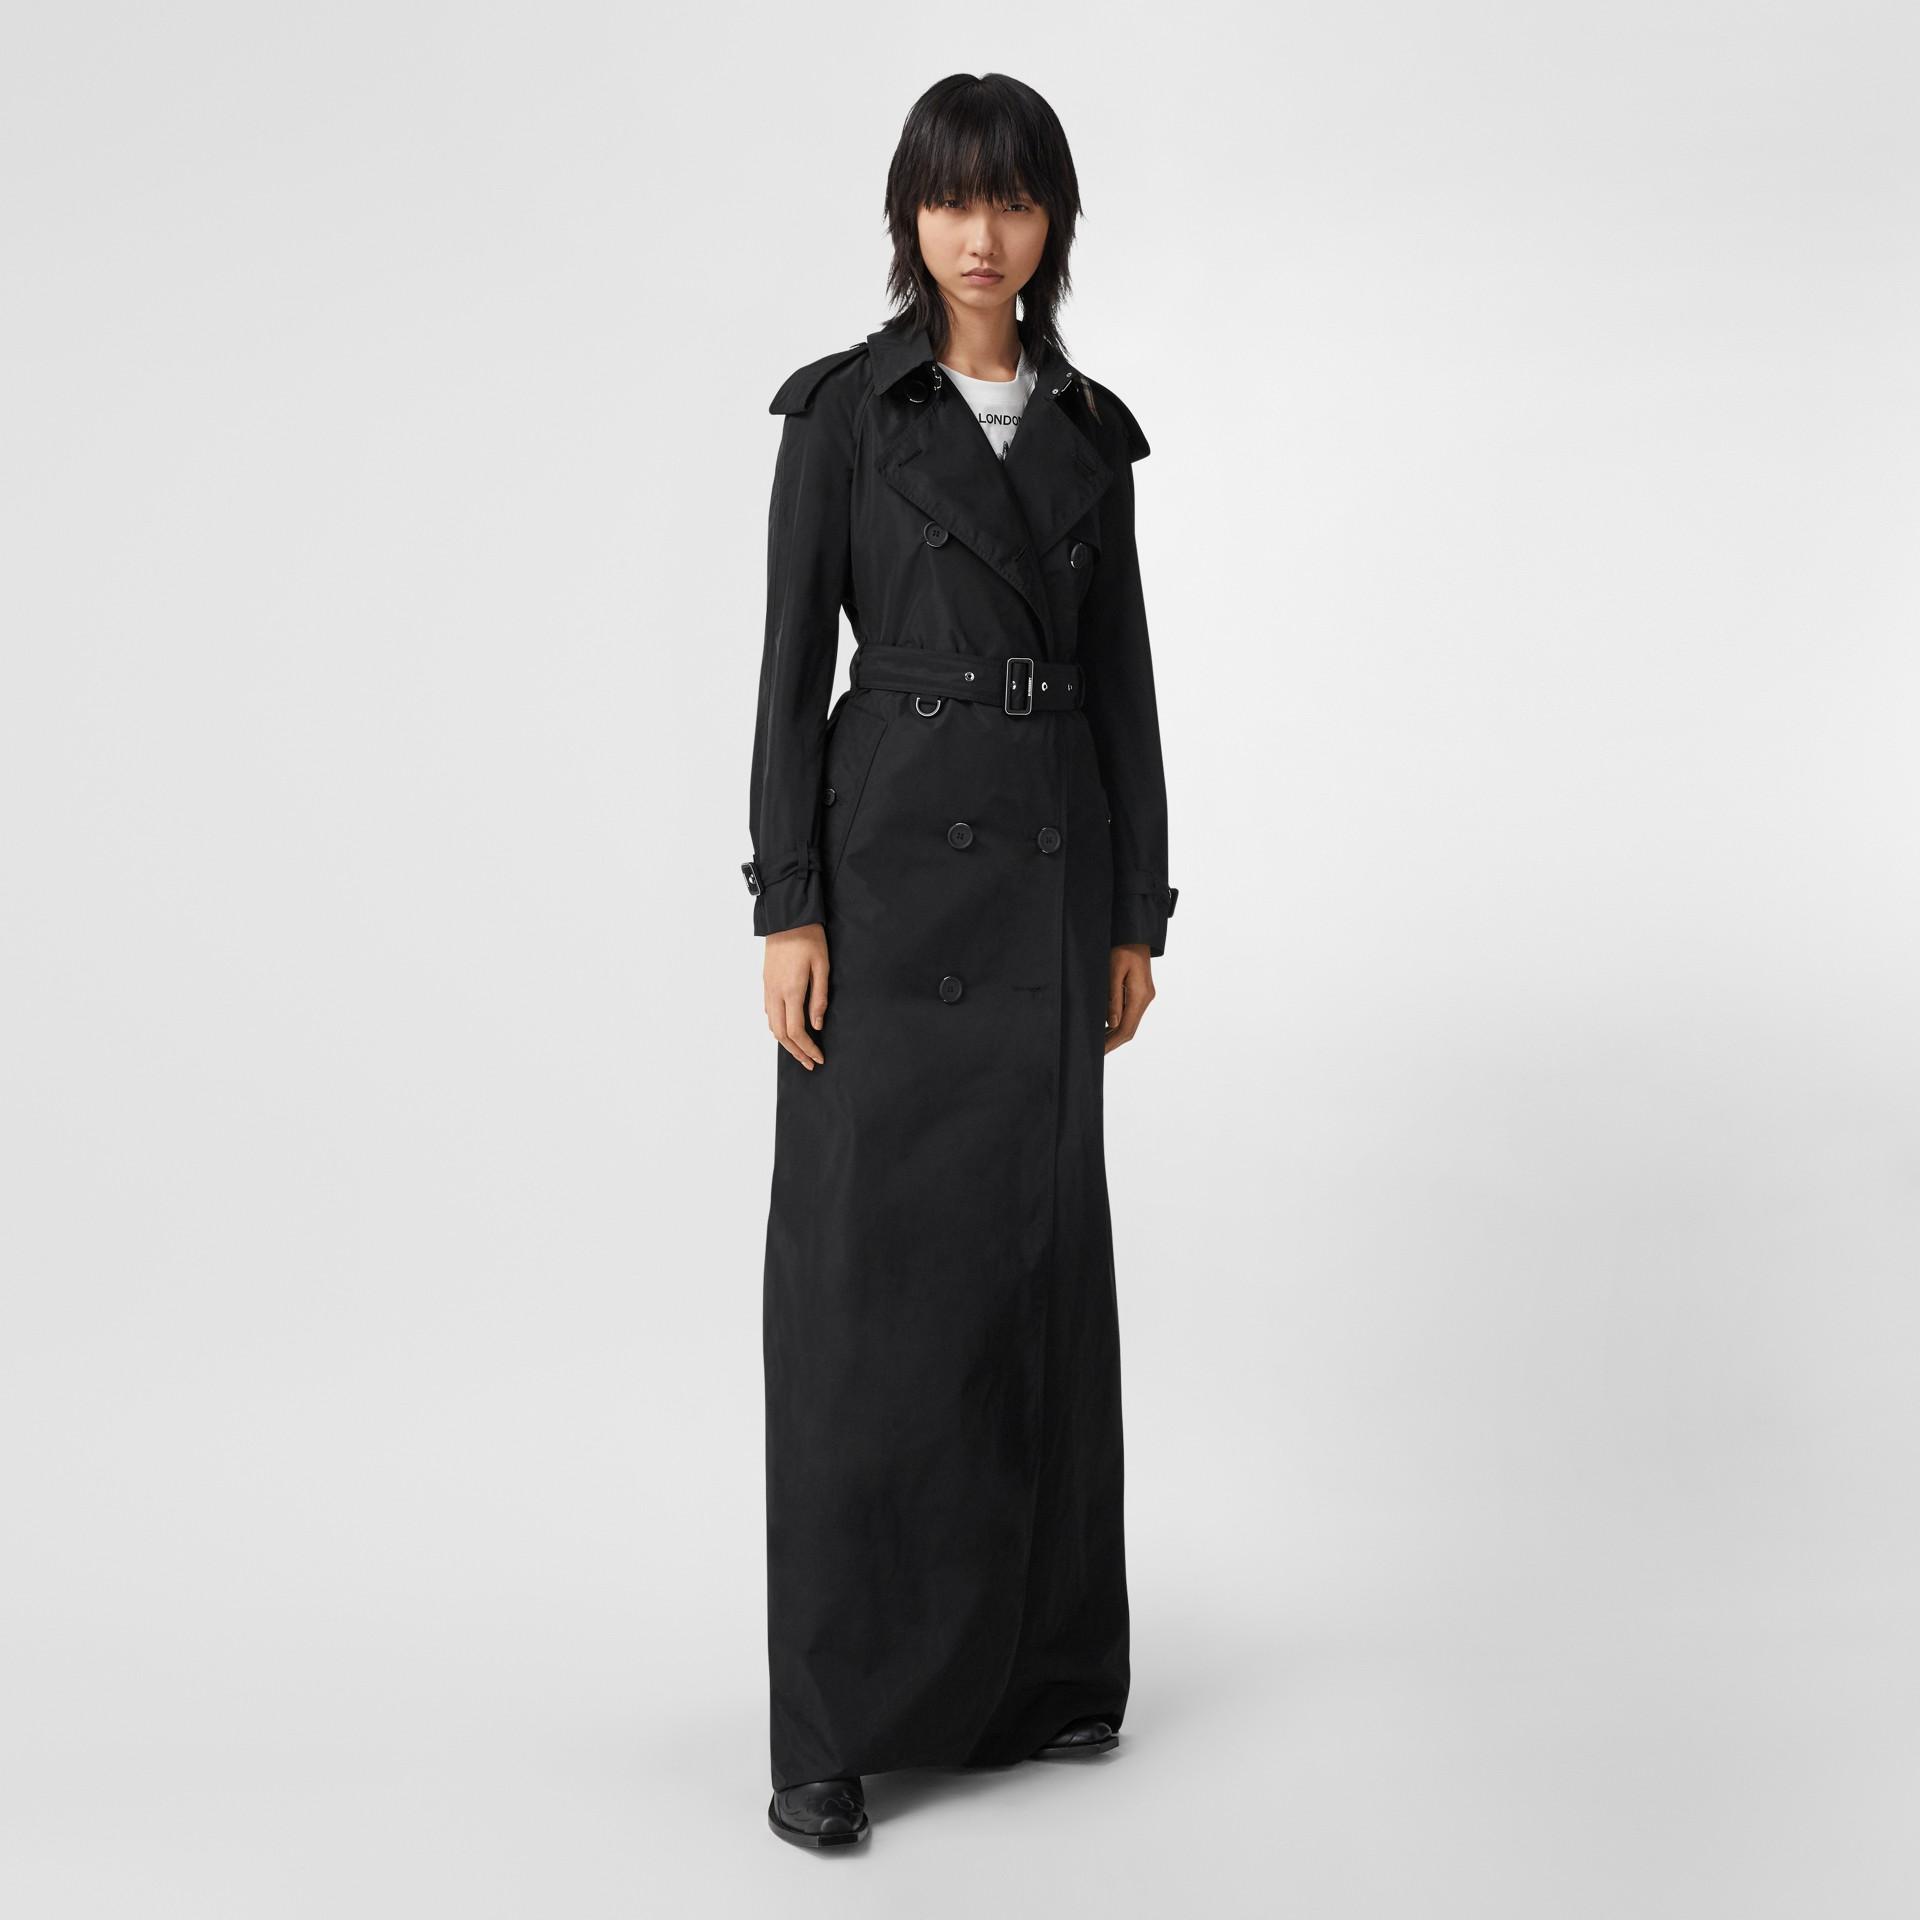 Trench coat extra lungo in taffetà a memoria di forma (Nero) - Donna | Burberry - immagine della galleria 5